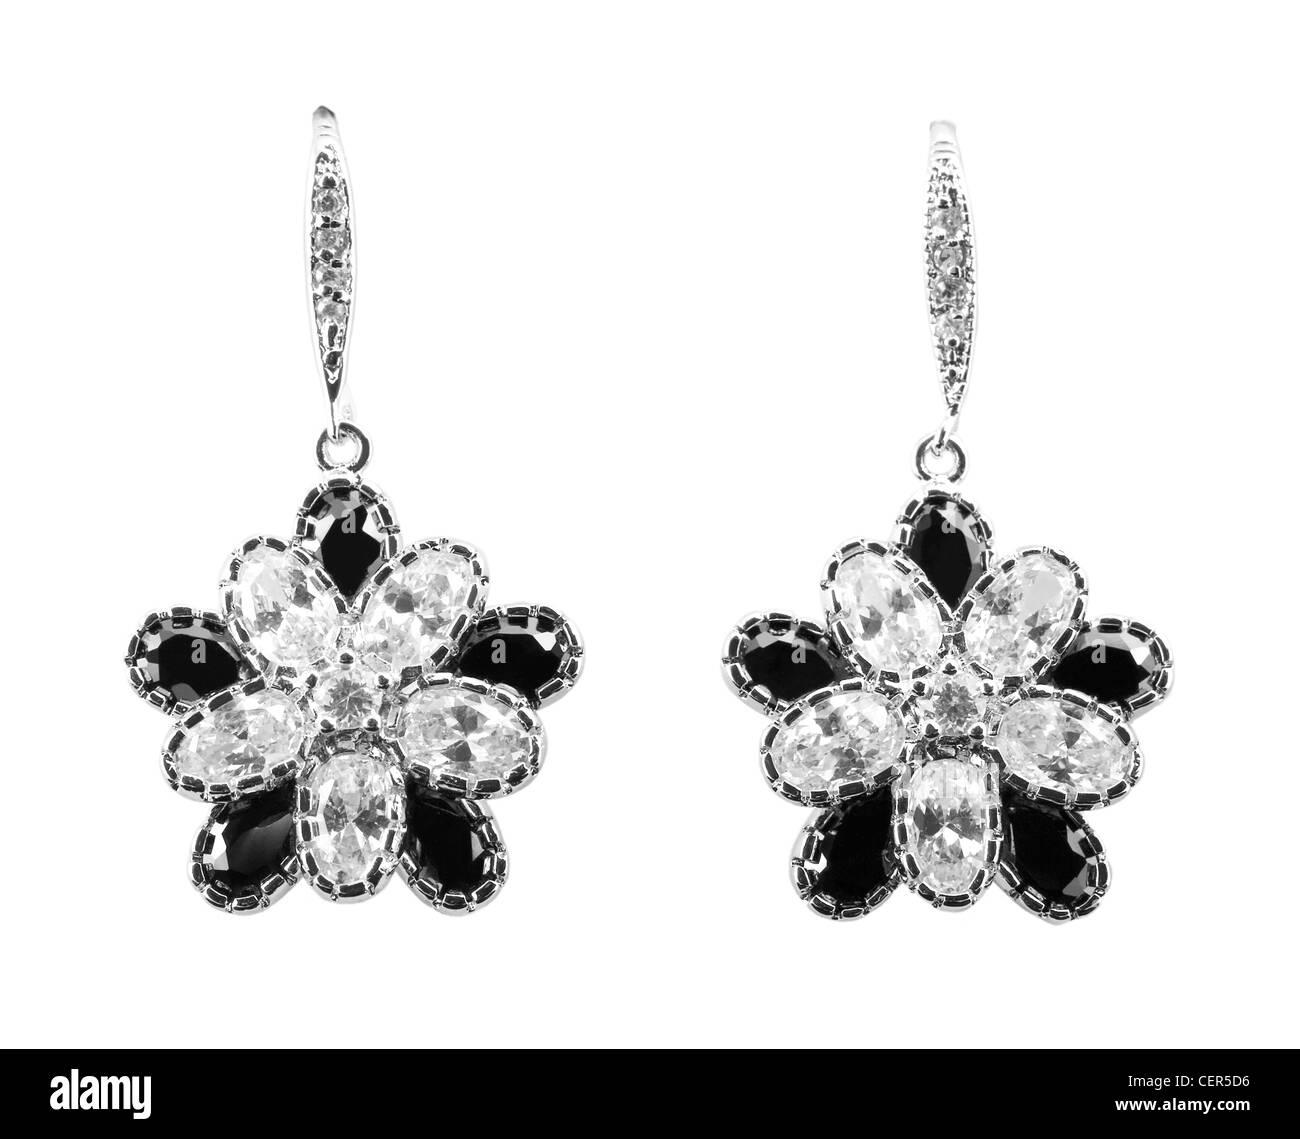 Earrings with diamonds. Isolated - Stock Image